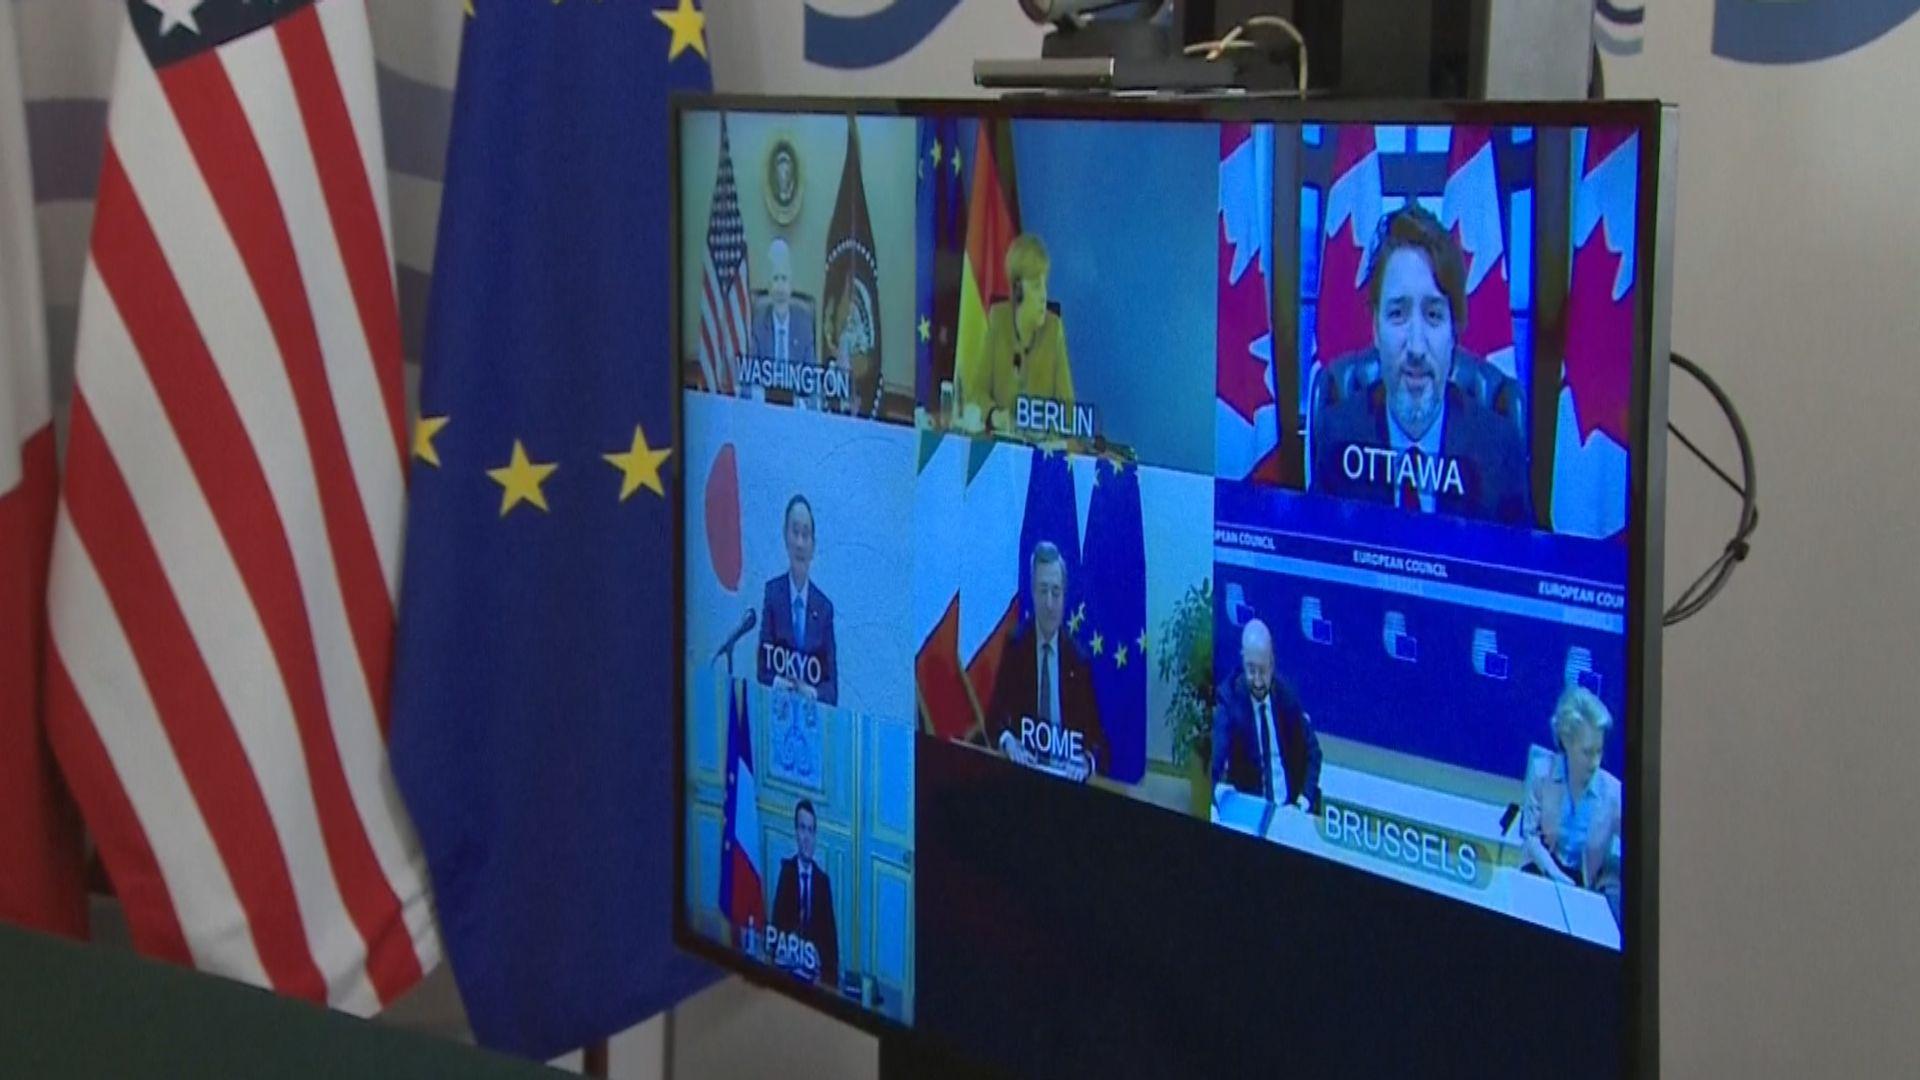 七國集團領導人視像會議 拜登料呼籲各國合作對抗中國